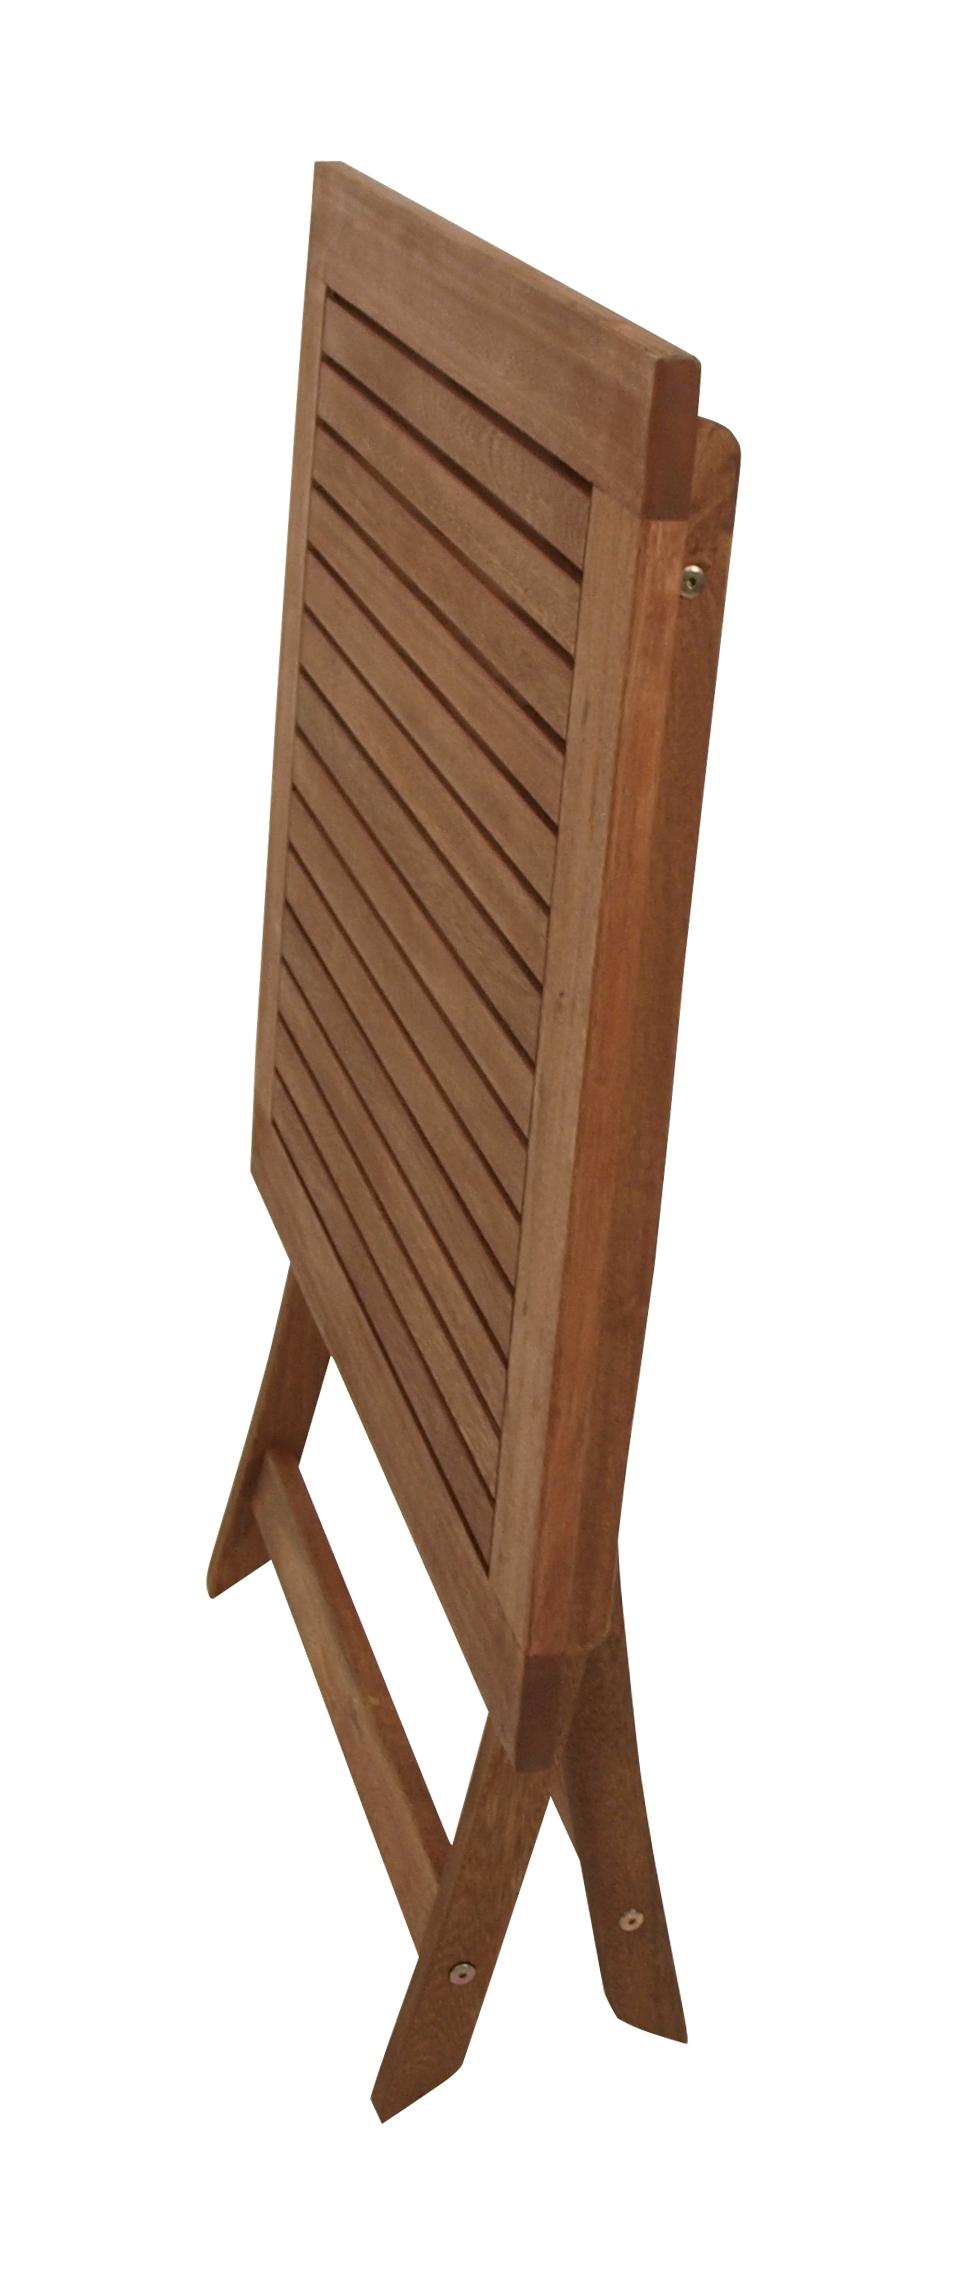 Klapptisch CORDOBA 70x70cm, Eukalyptus geölt, FSC®-zertifiziert